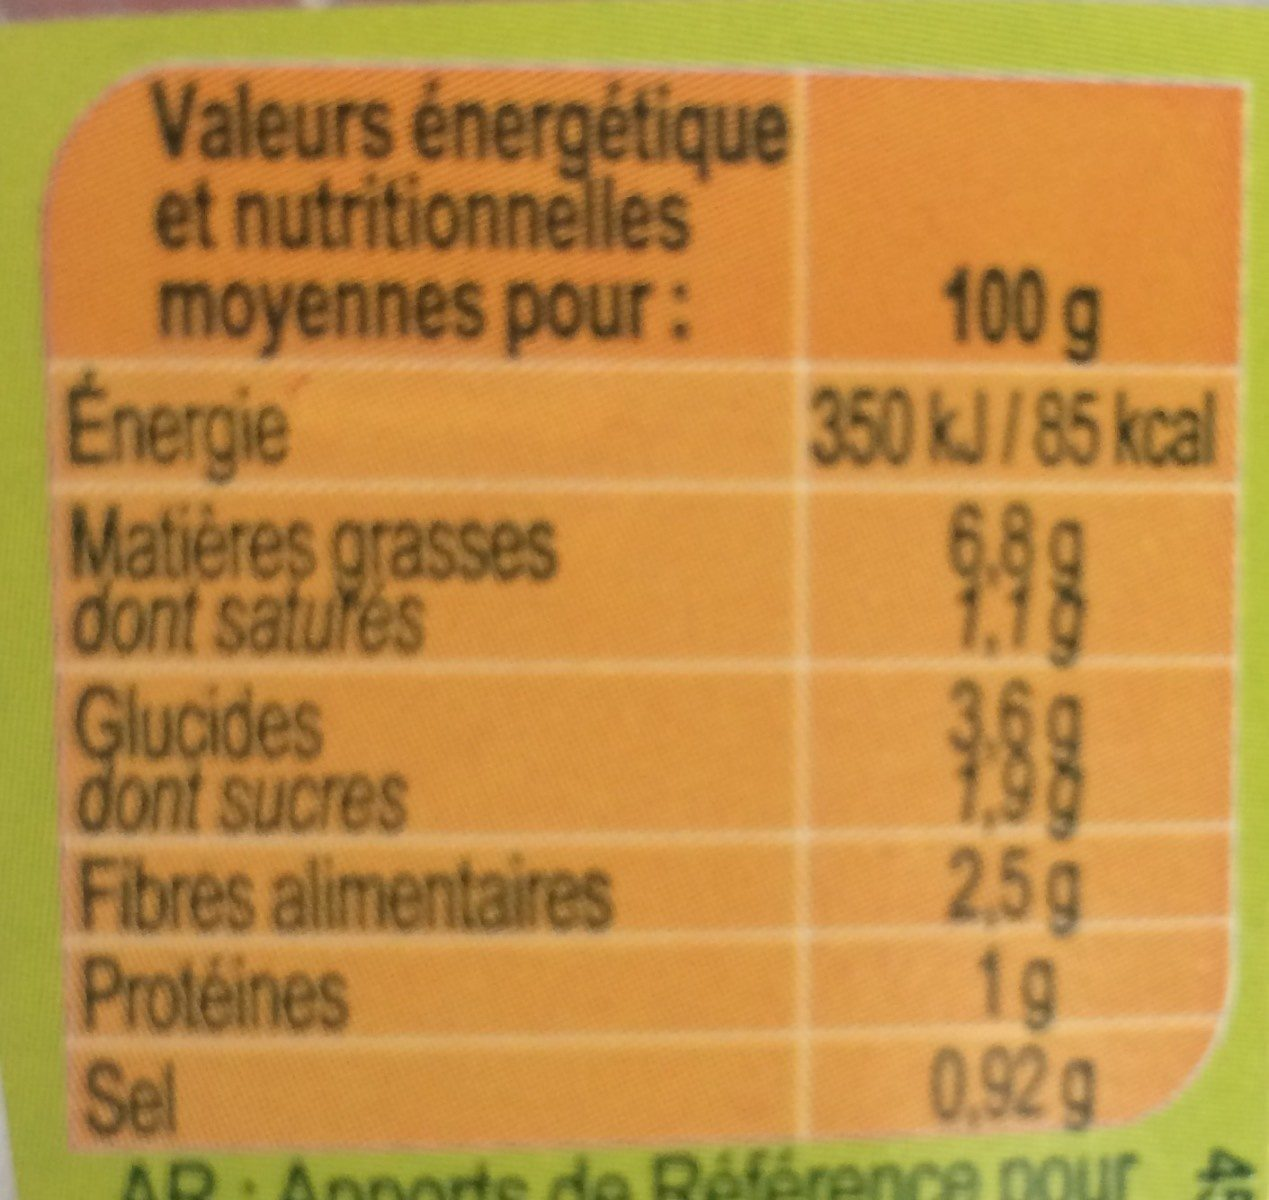 Céleri sauce rémoulade - Informations nutritionnelles